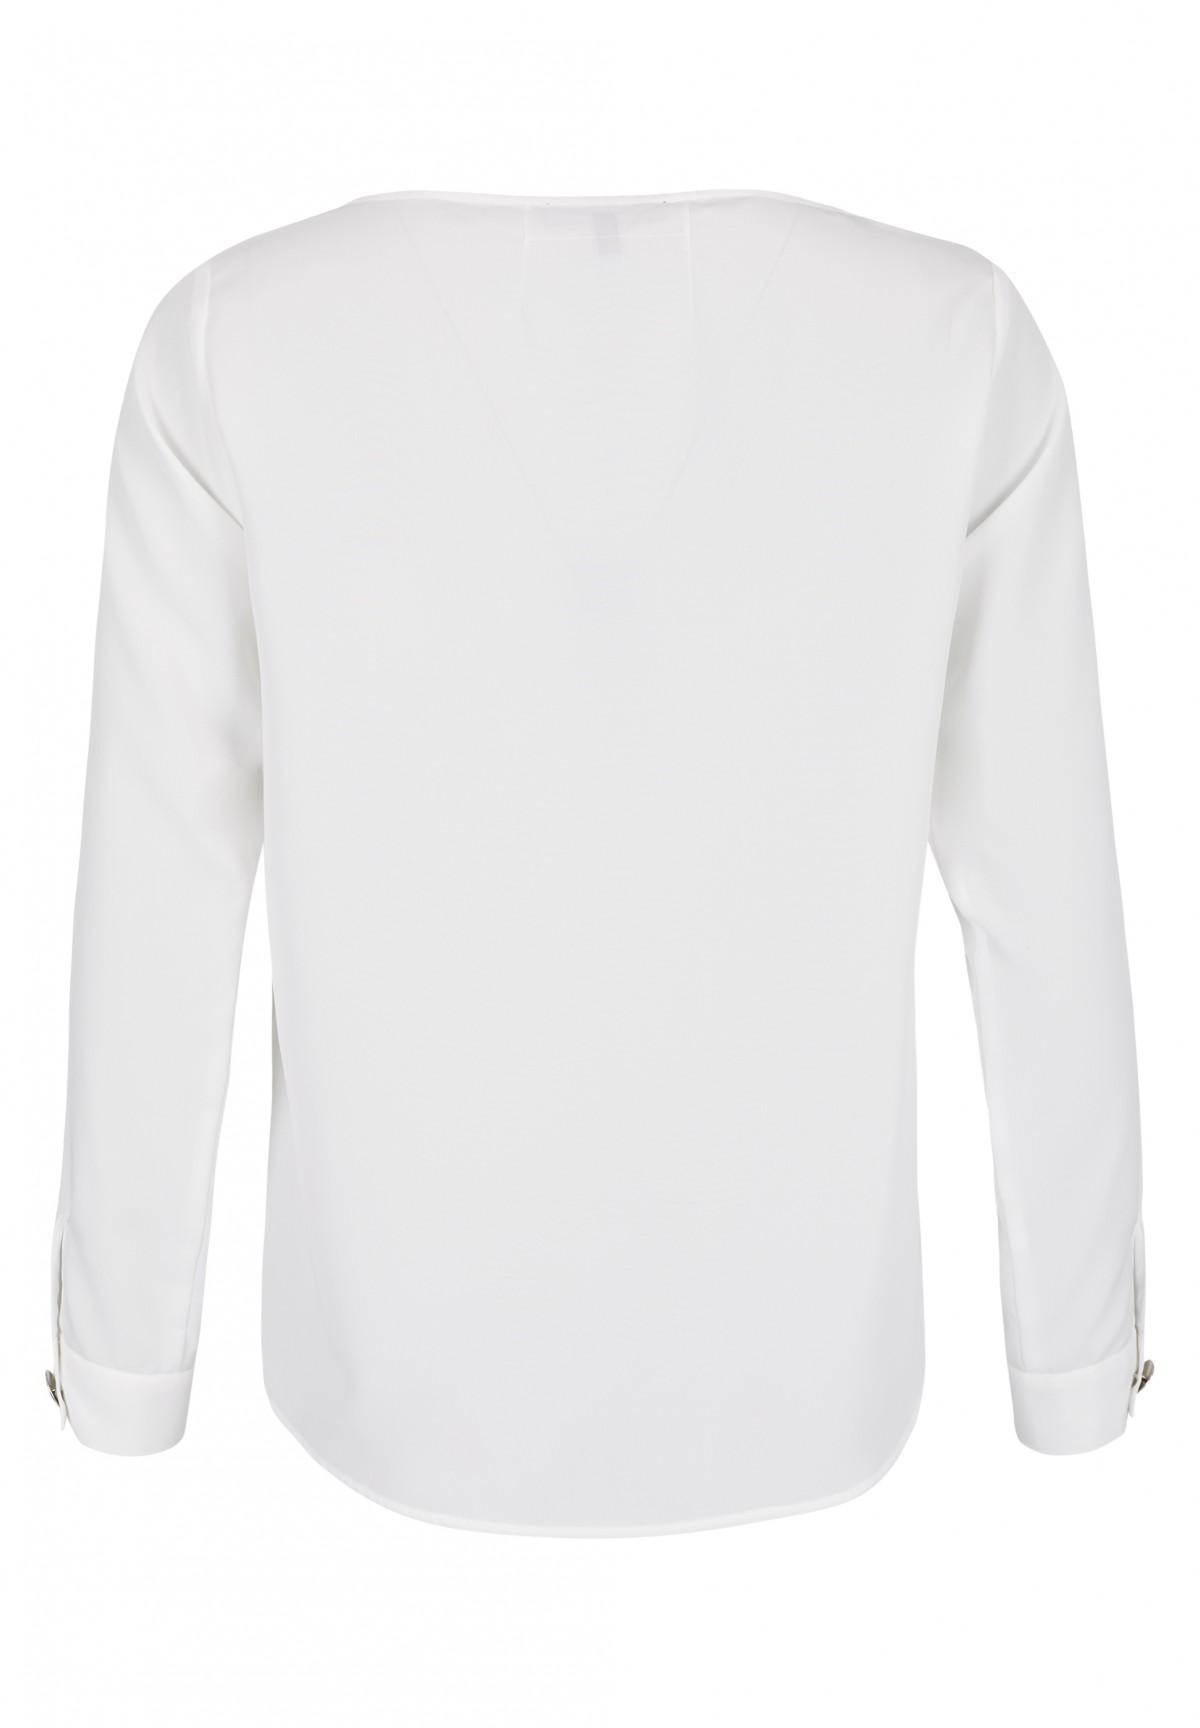 Bluse mit Farbverlauf / Bluse